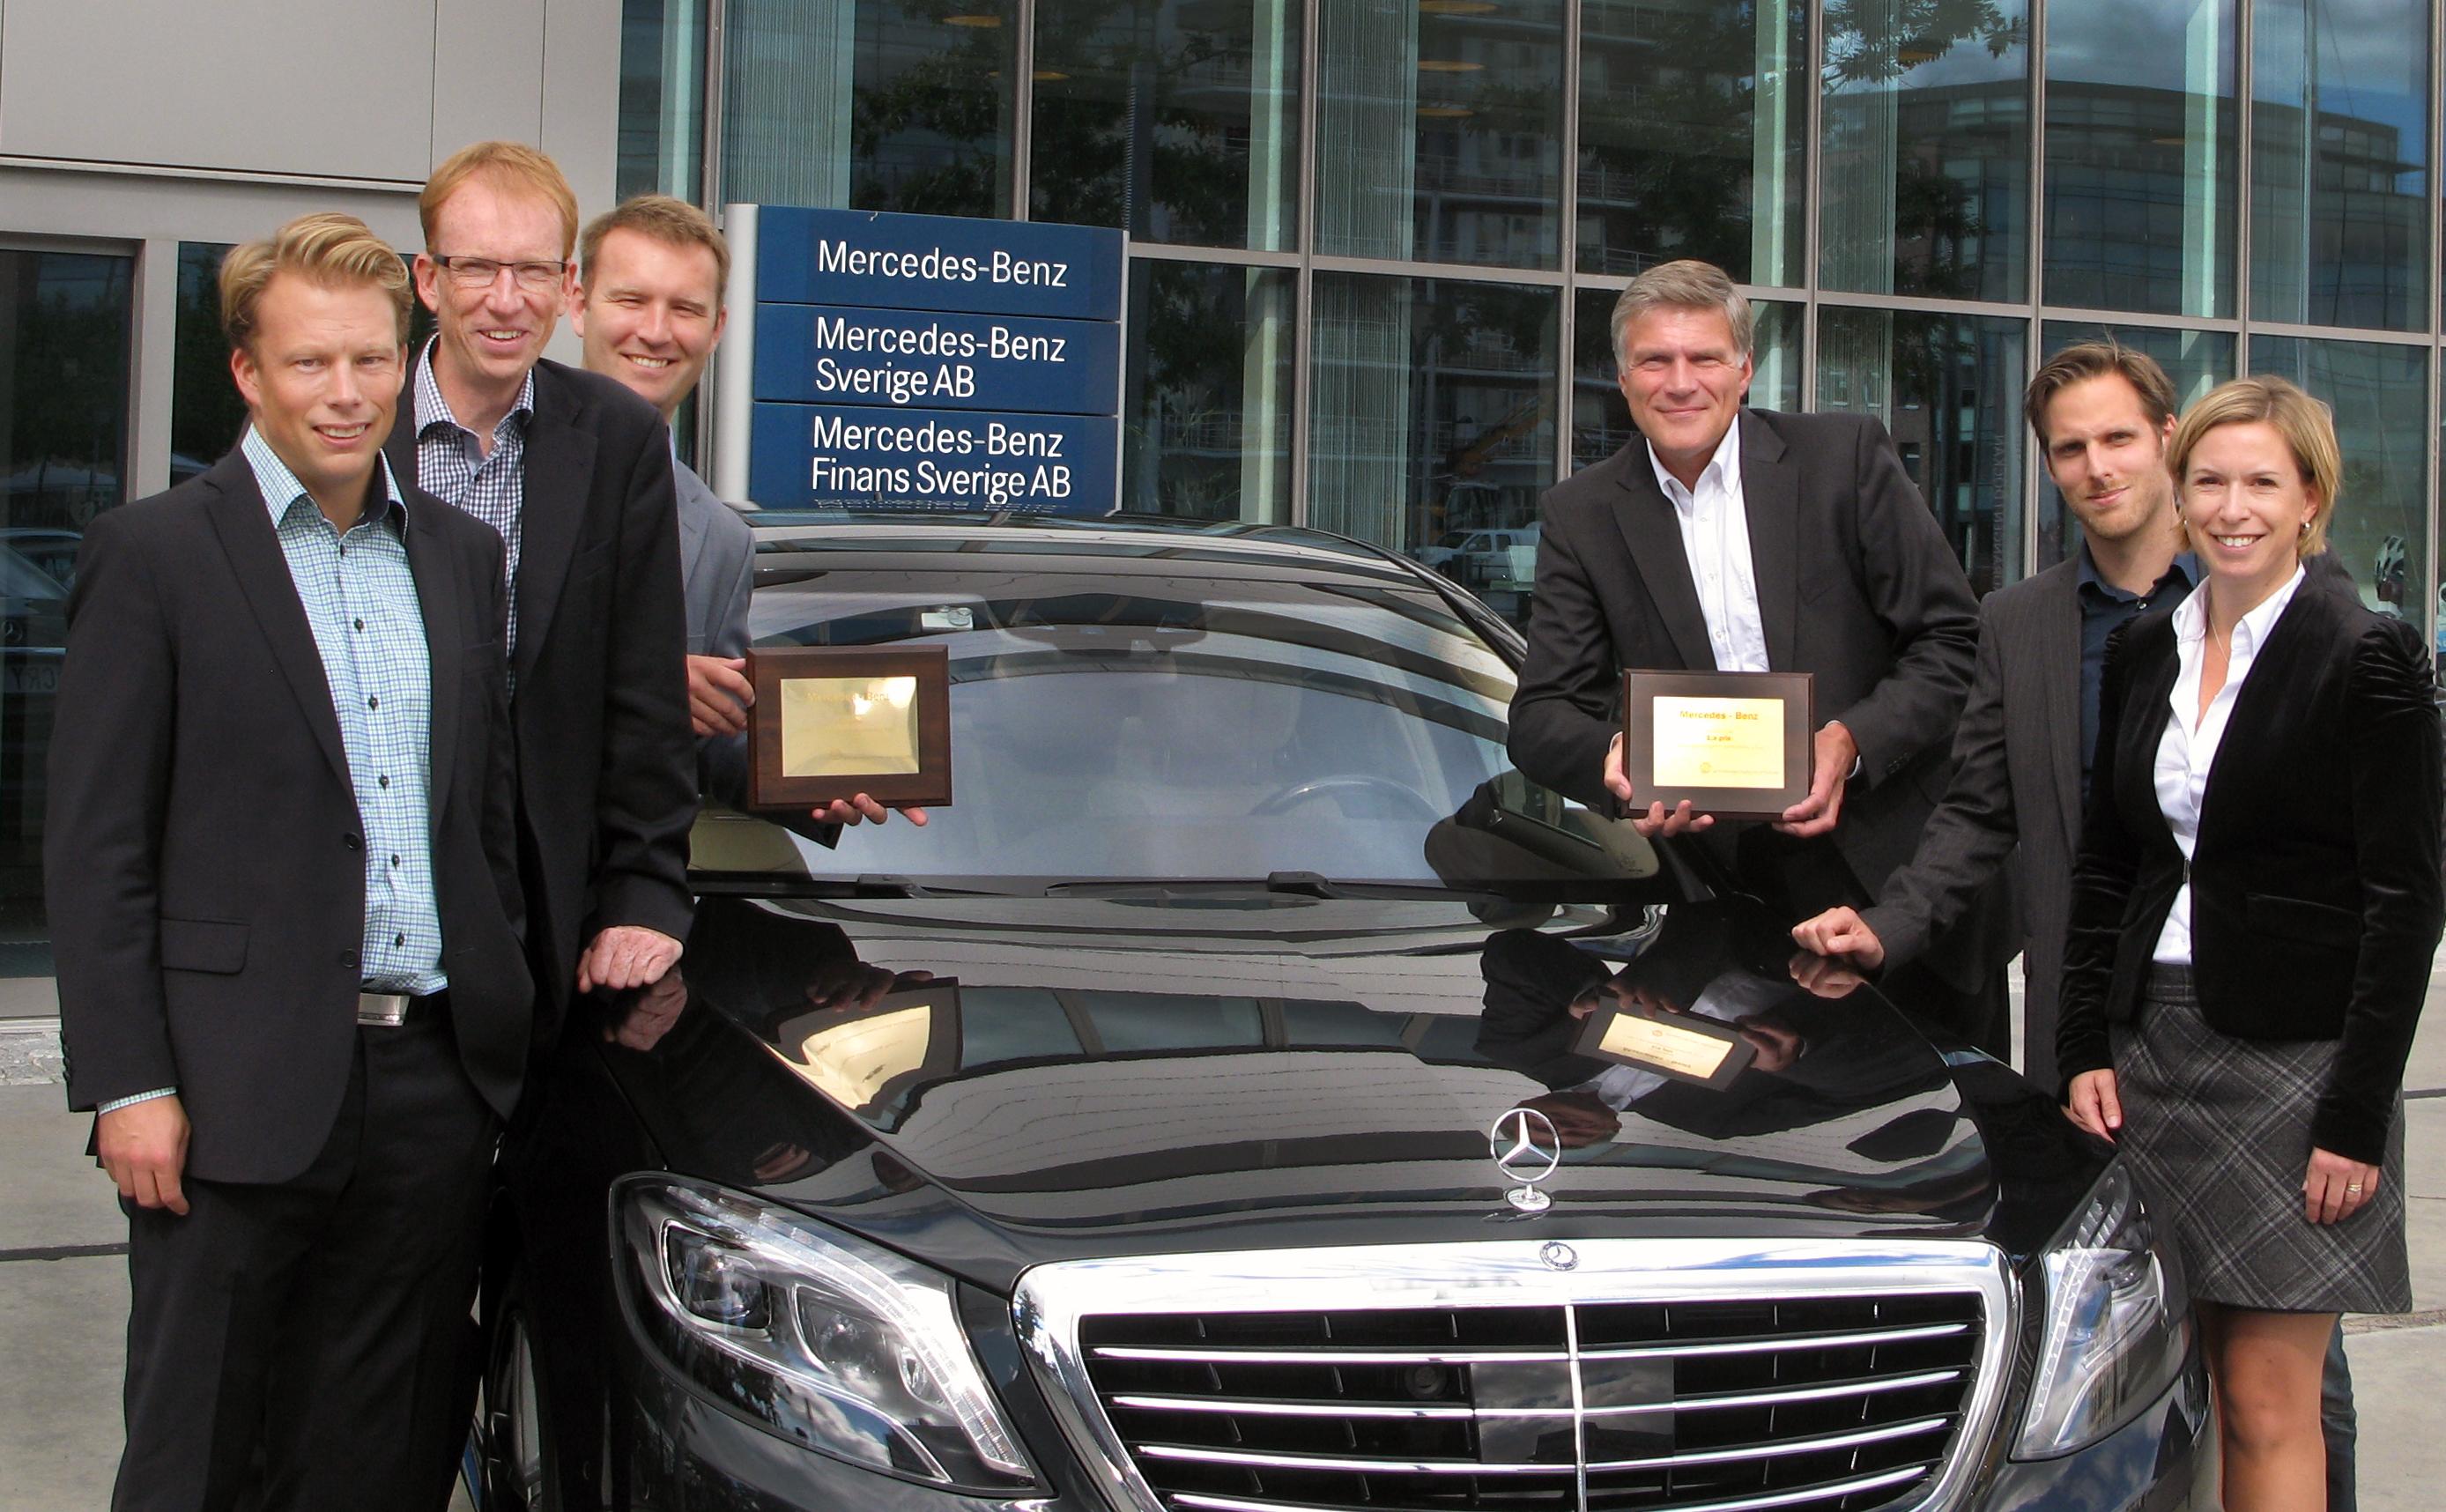 Ga vinnare 2013 mercedes benz for Mercedes benz of columbus ga